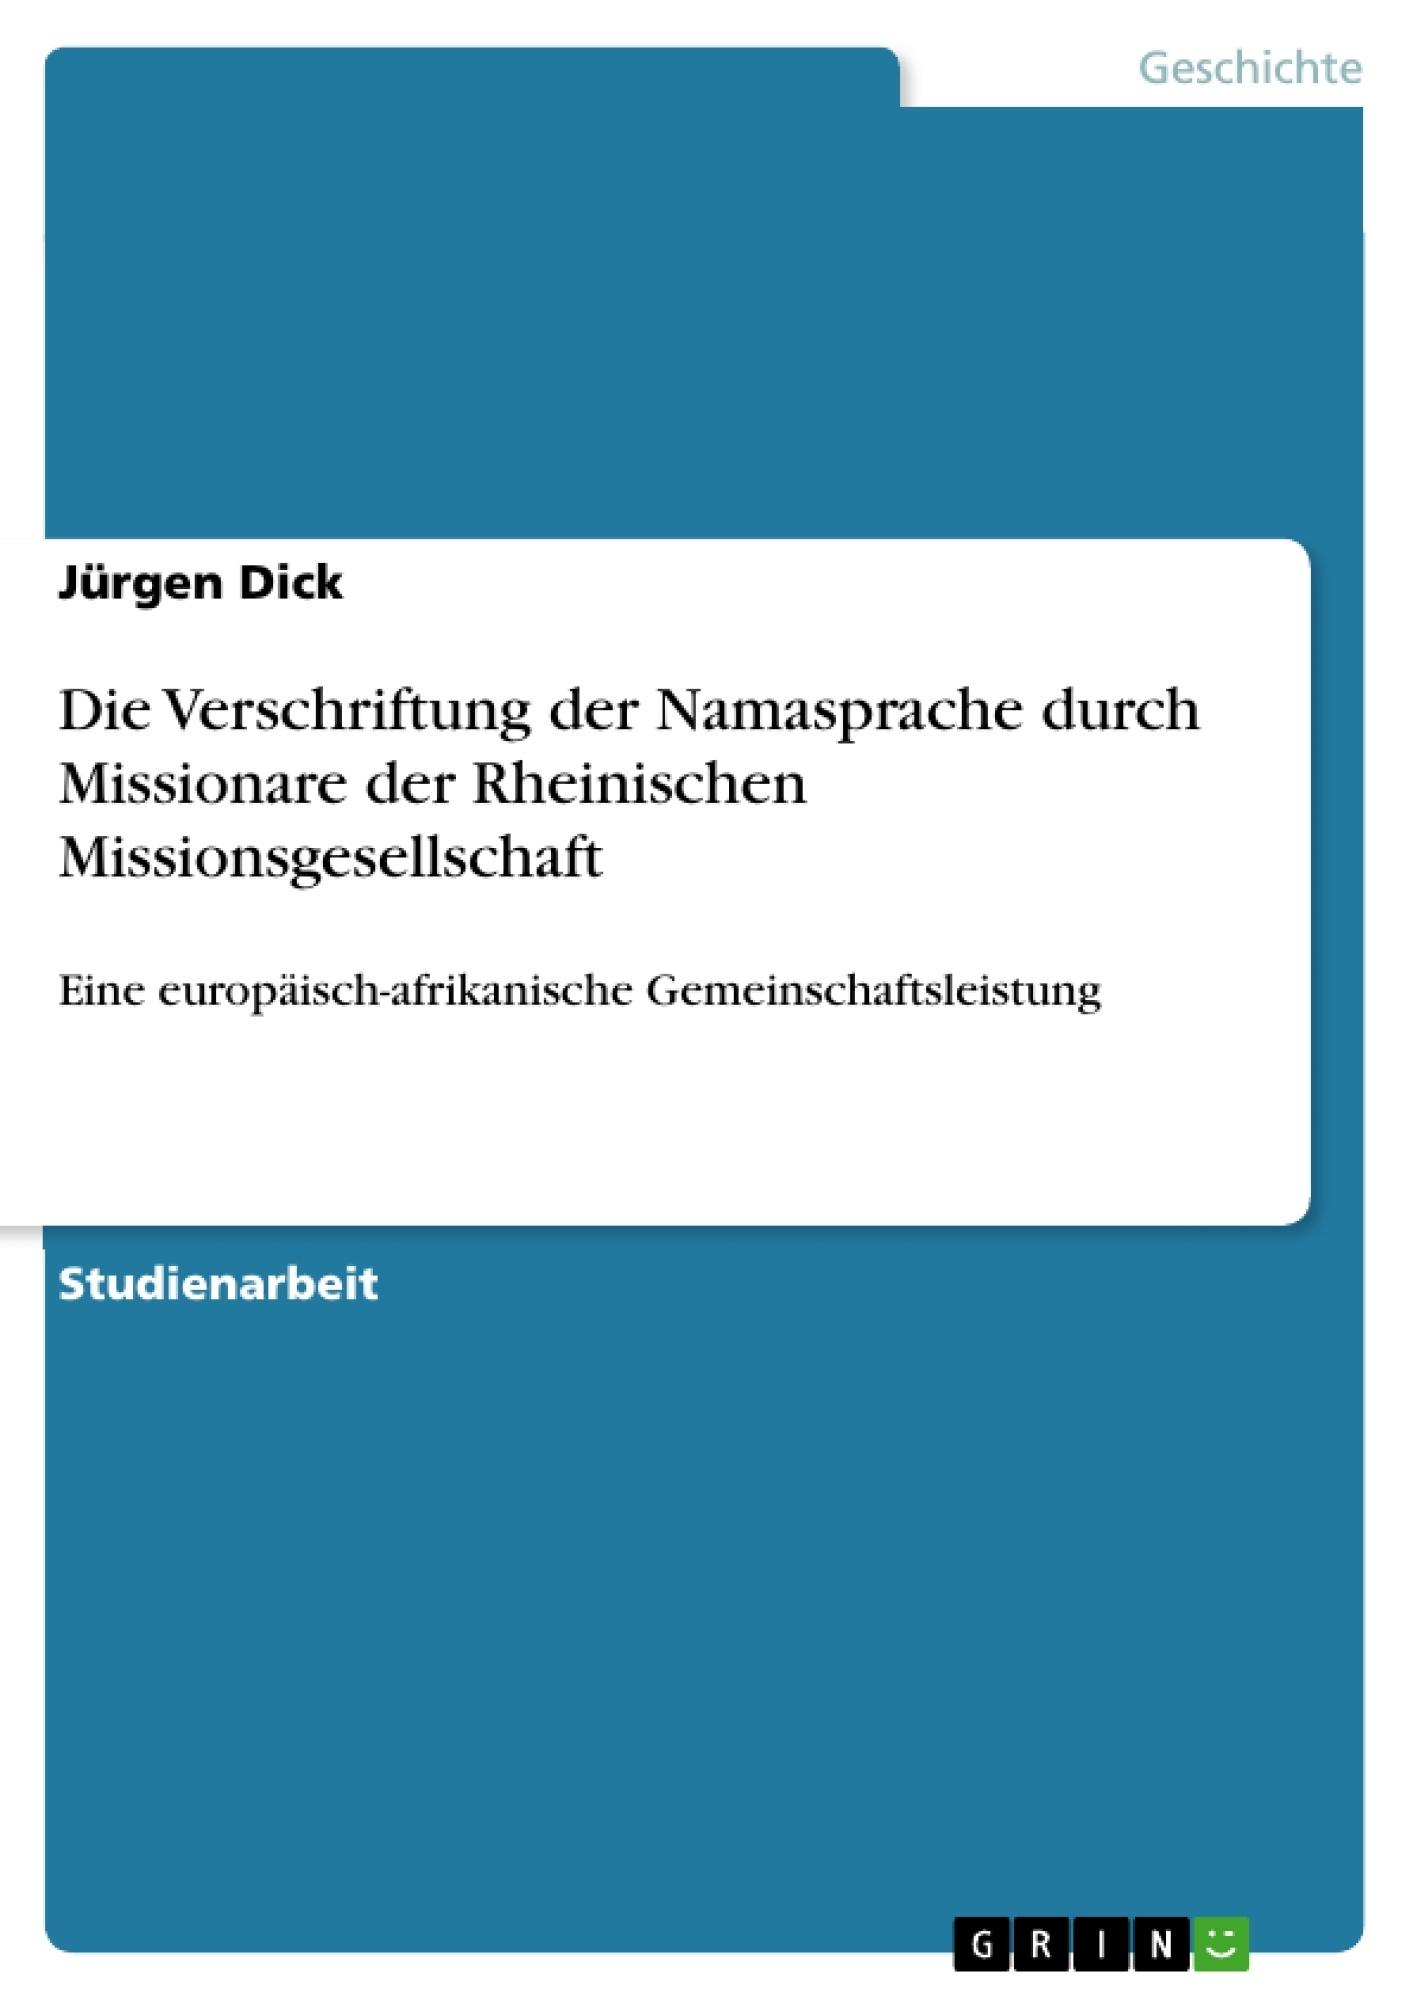 Titel: Die Verschriftung der Namasprache durch Missionare der Rheinischen Missionsgesellschaft